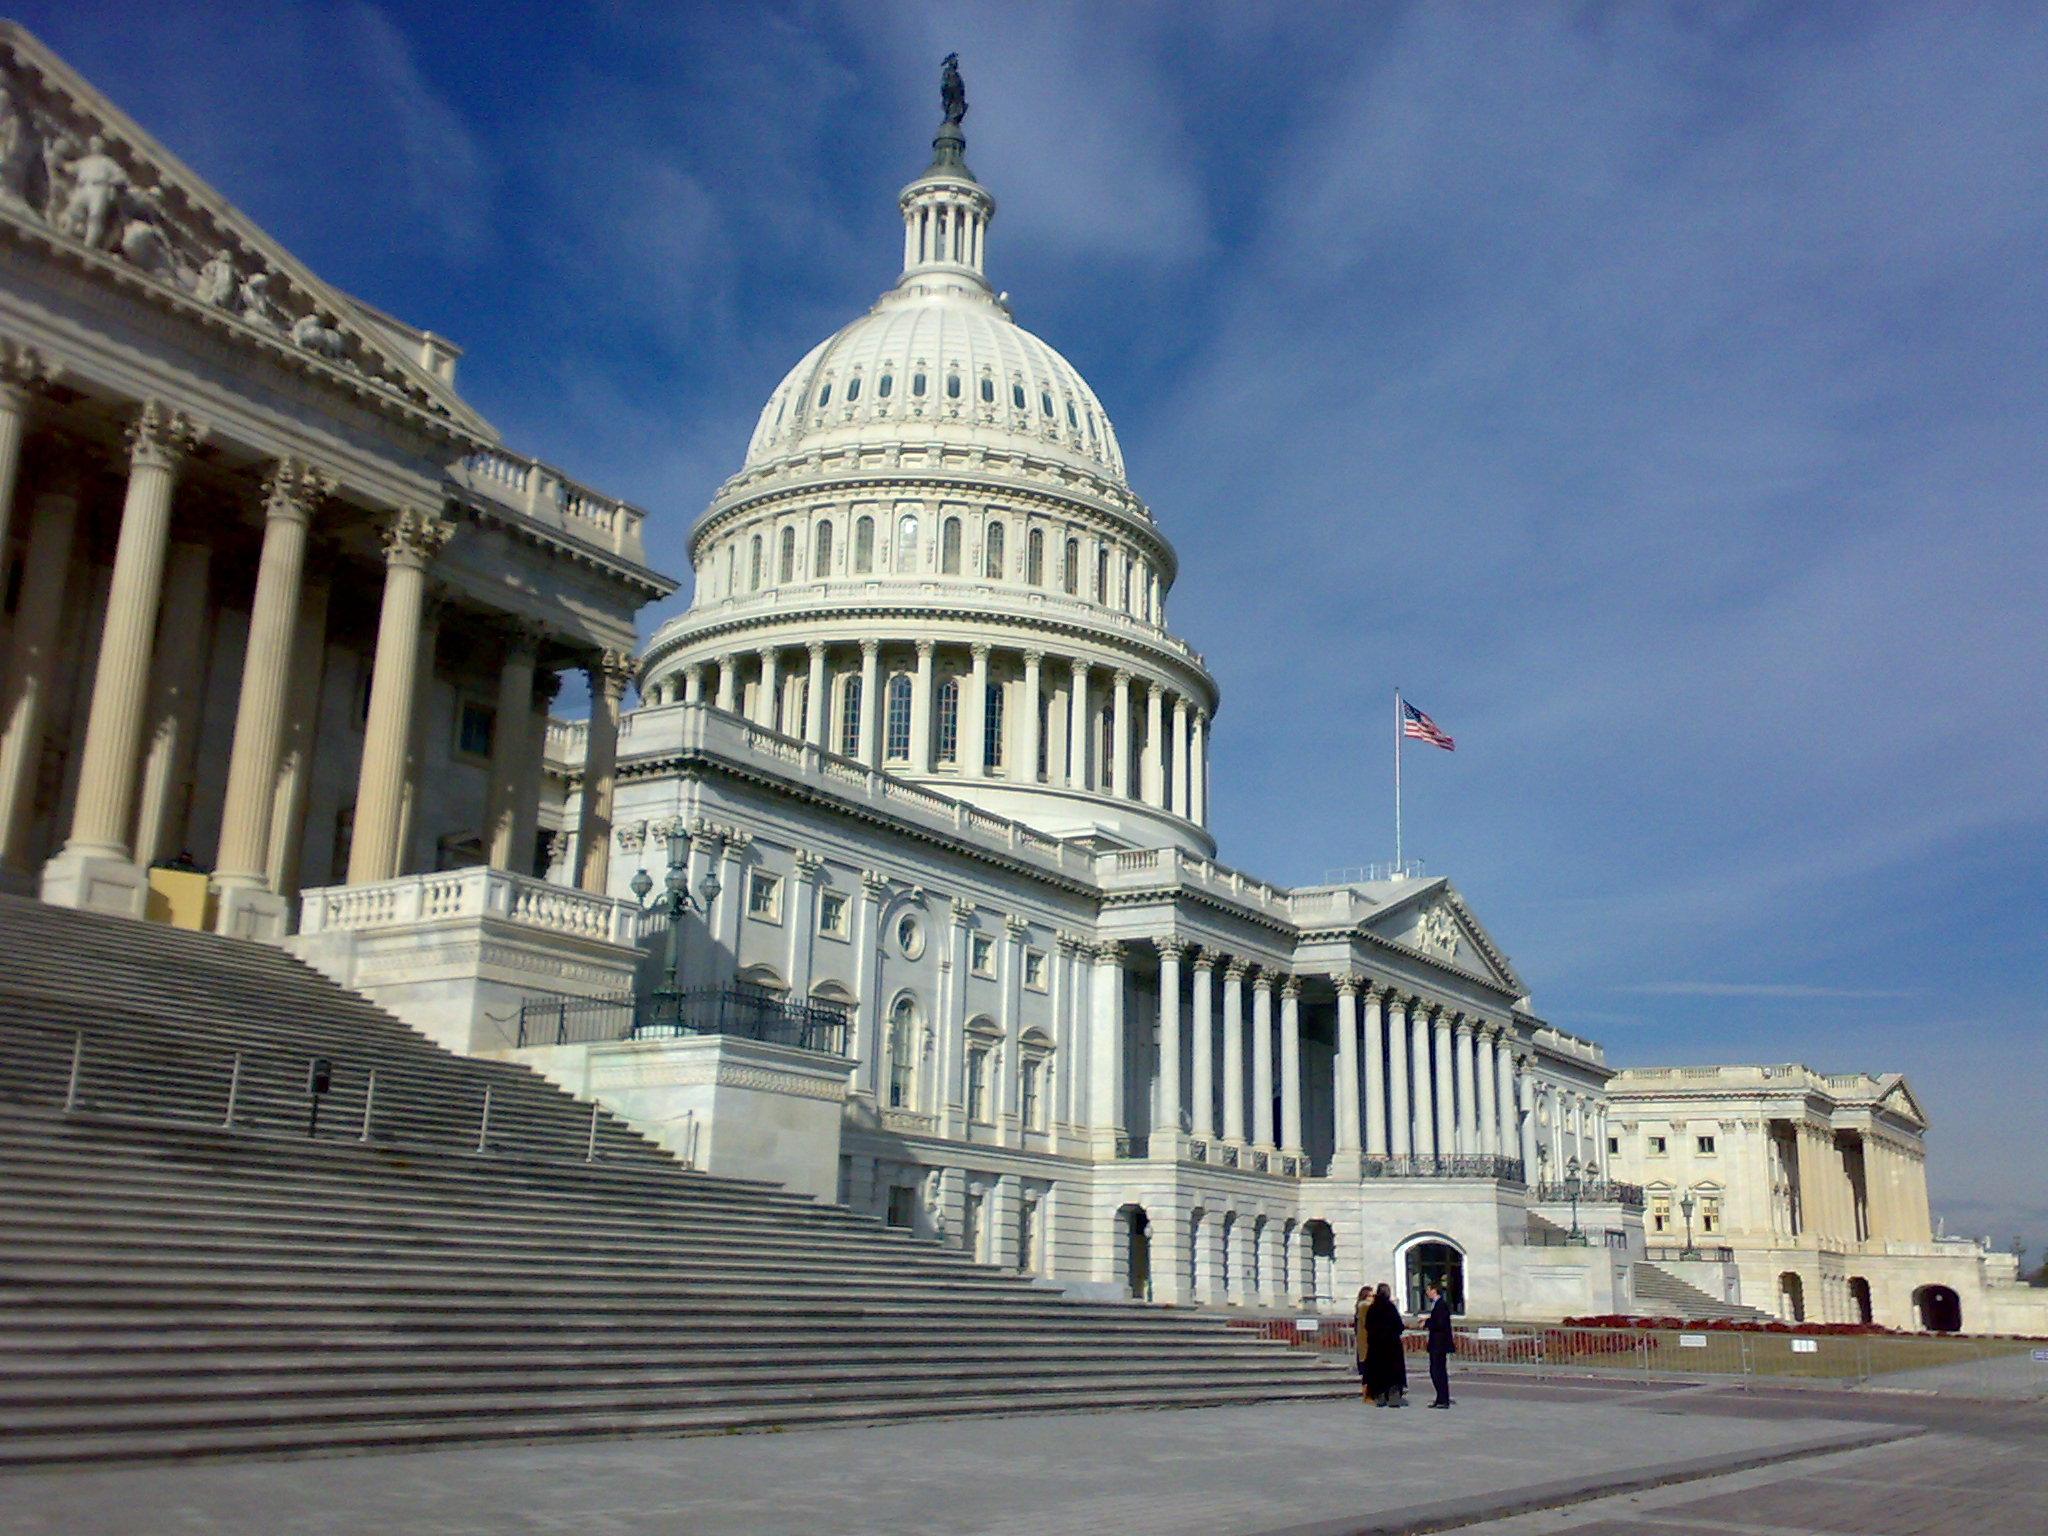 Congreso de Estados Unidos menciona un sistema de votación basado en tecnología blockchain como alternativa para las sesiones de los legisladores